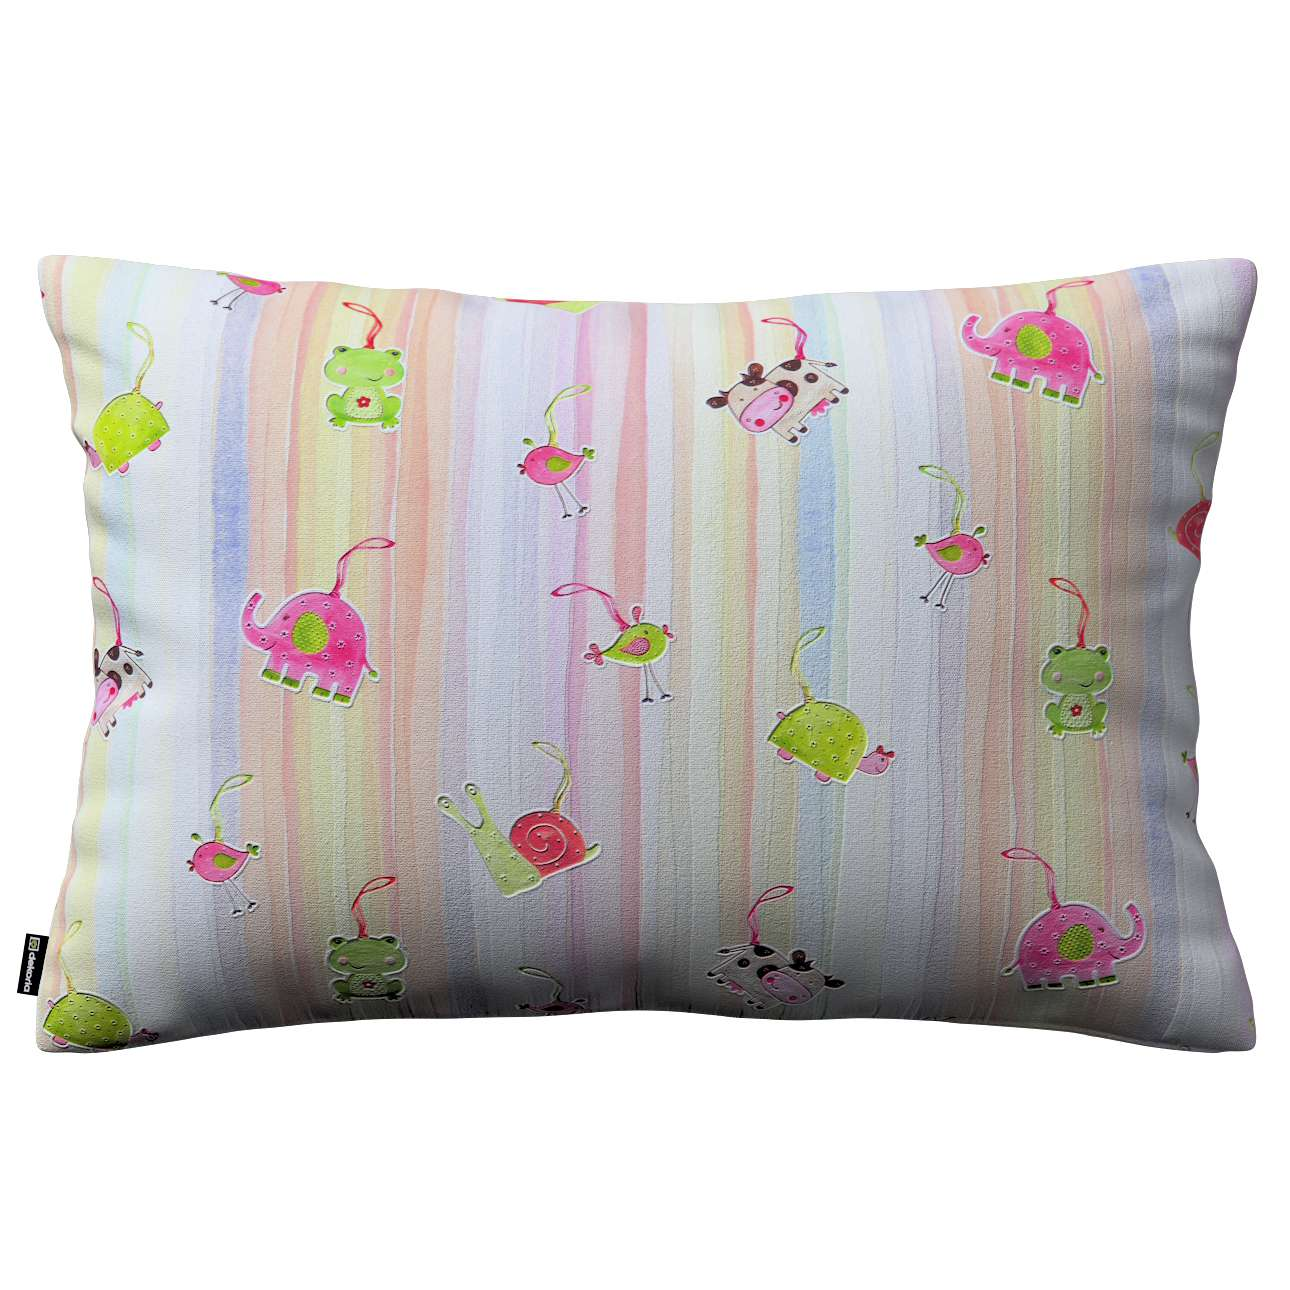 Poszewka Kinga na poduszkę prostokątną w kolekcji Apanona do -50%, tkanina: 151-05